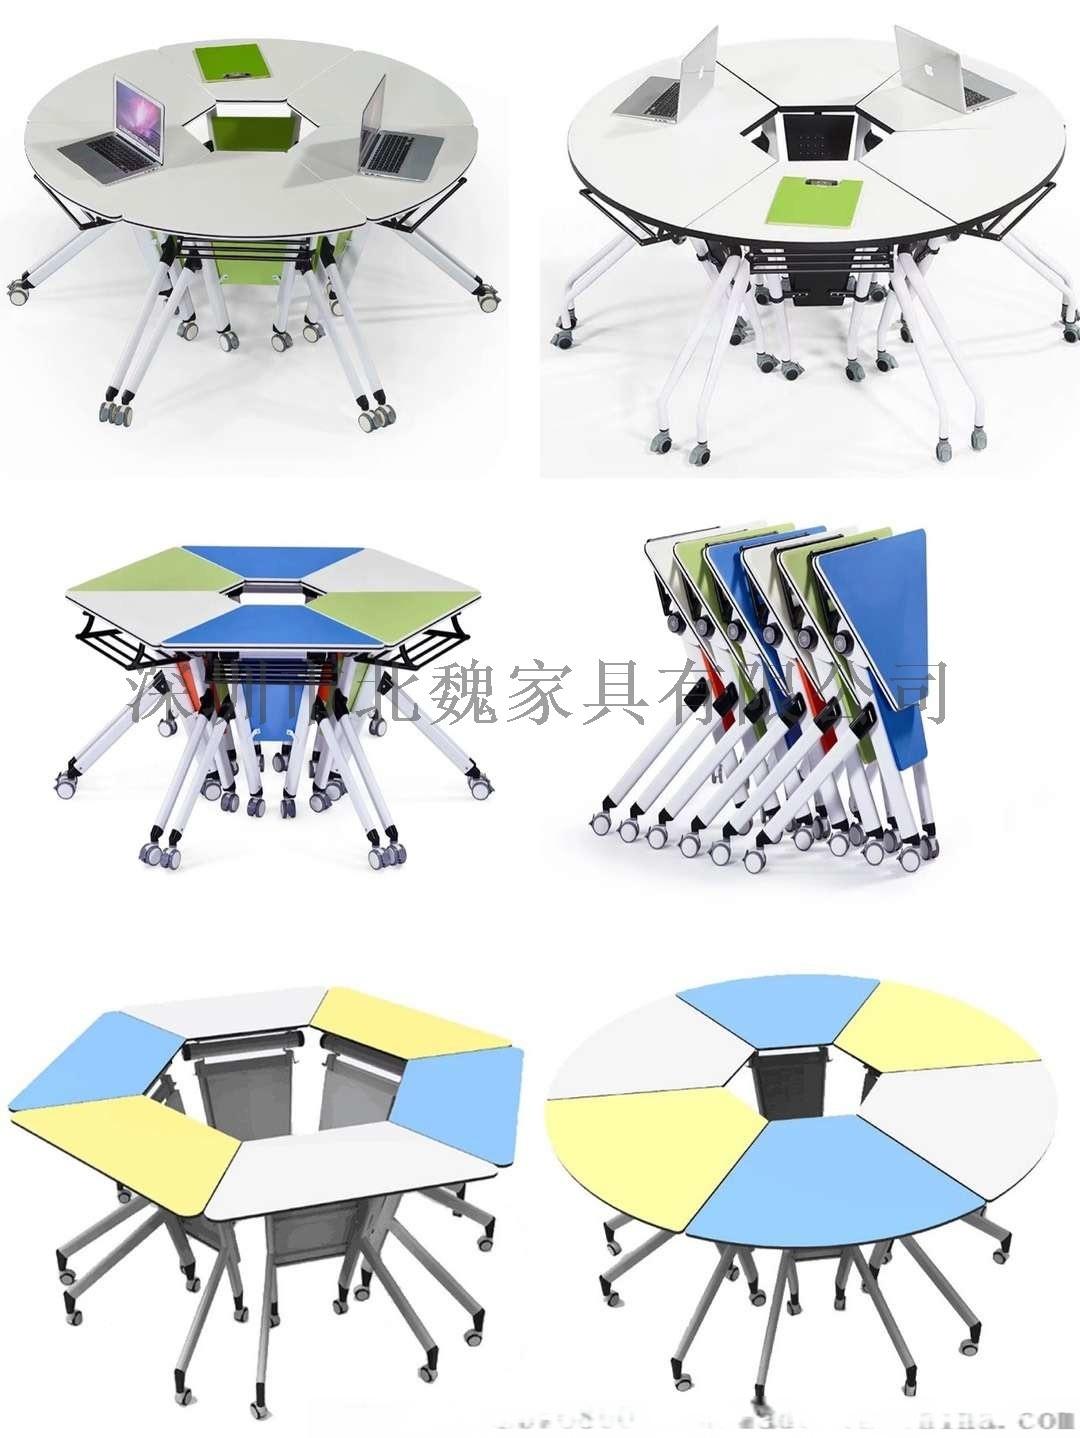 厂家直销可翻动可移动学生桌-多功能折叠培训桌135866215